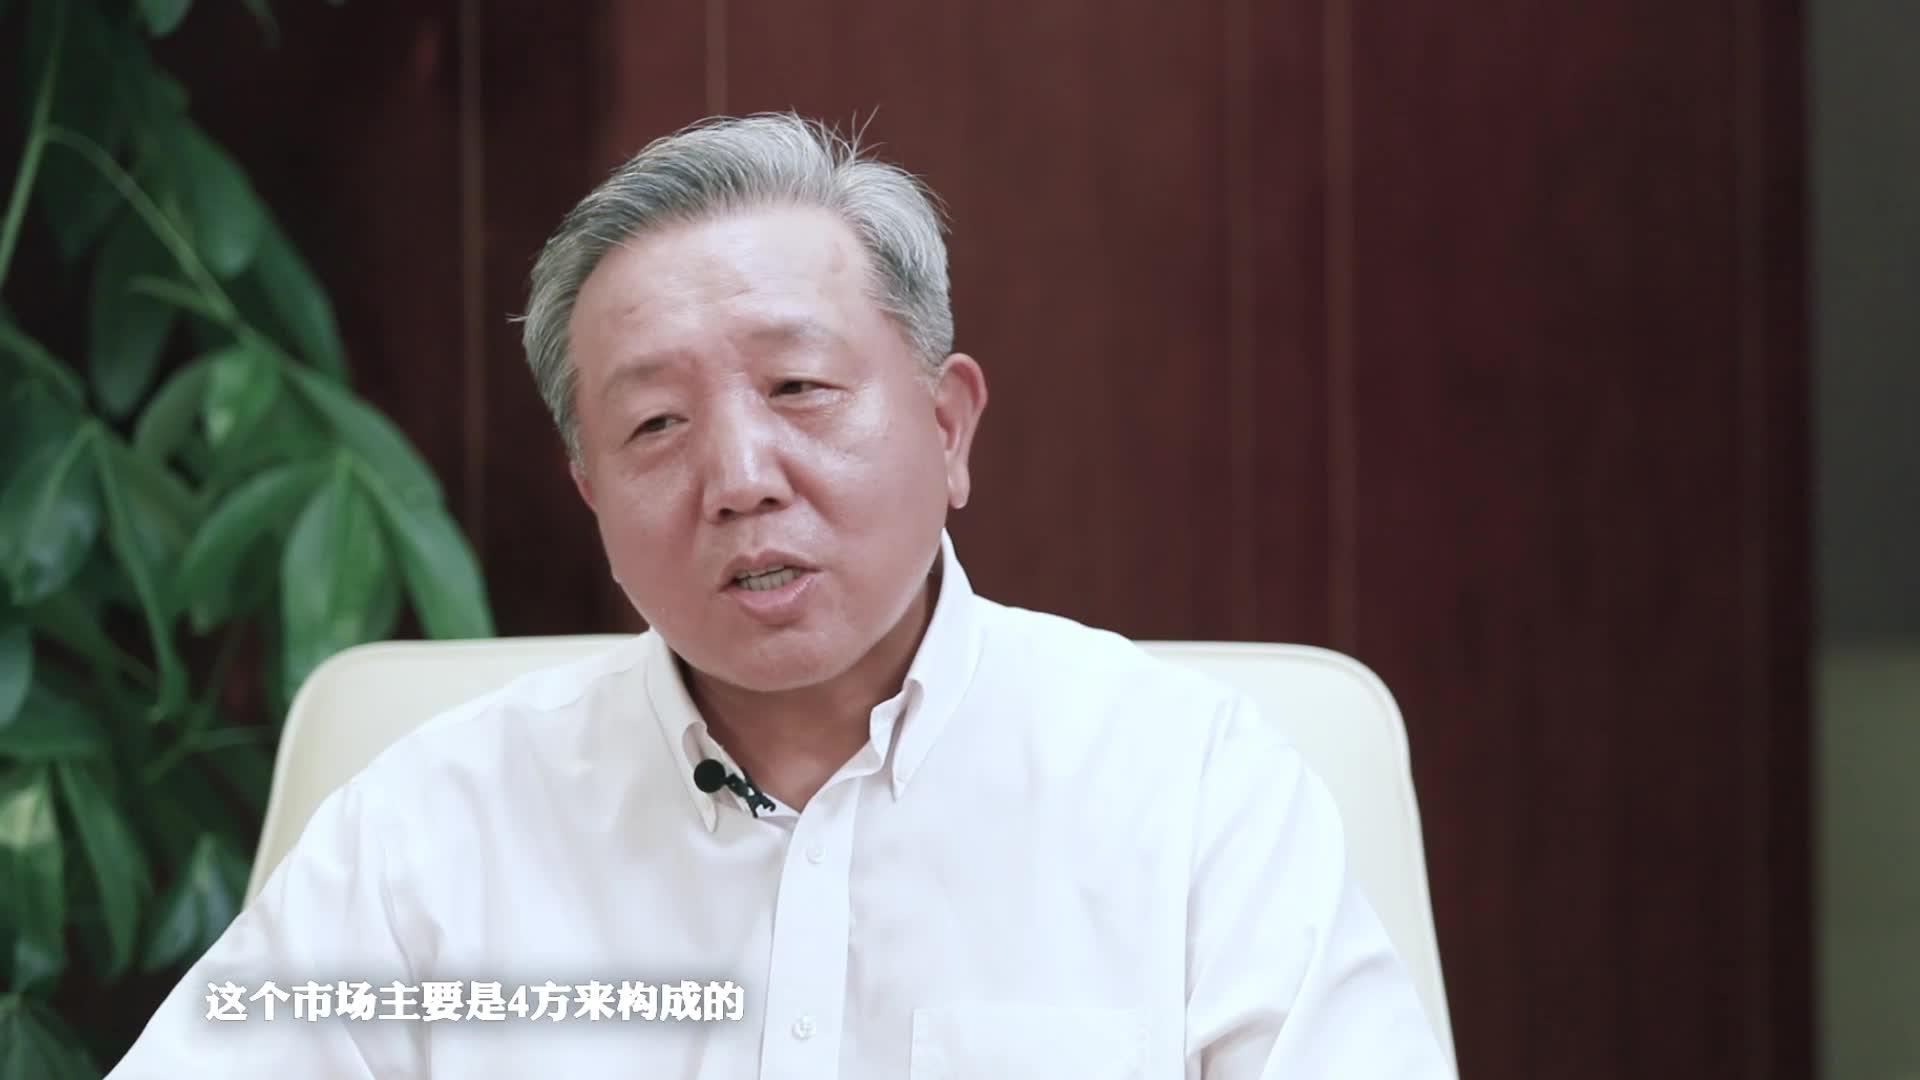 吴晓求:需要接受教育的不是投资者,而是上市公司